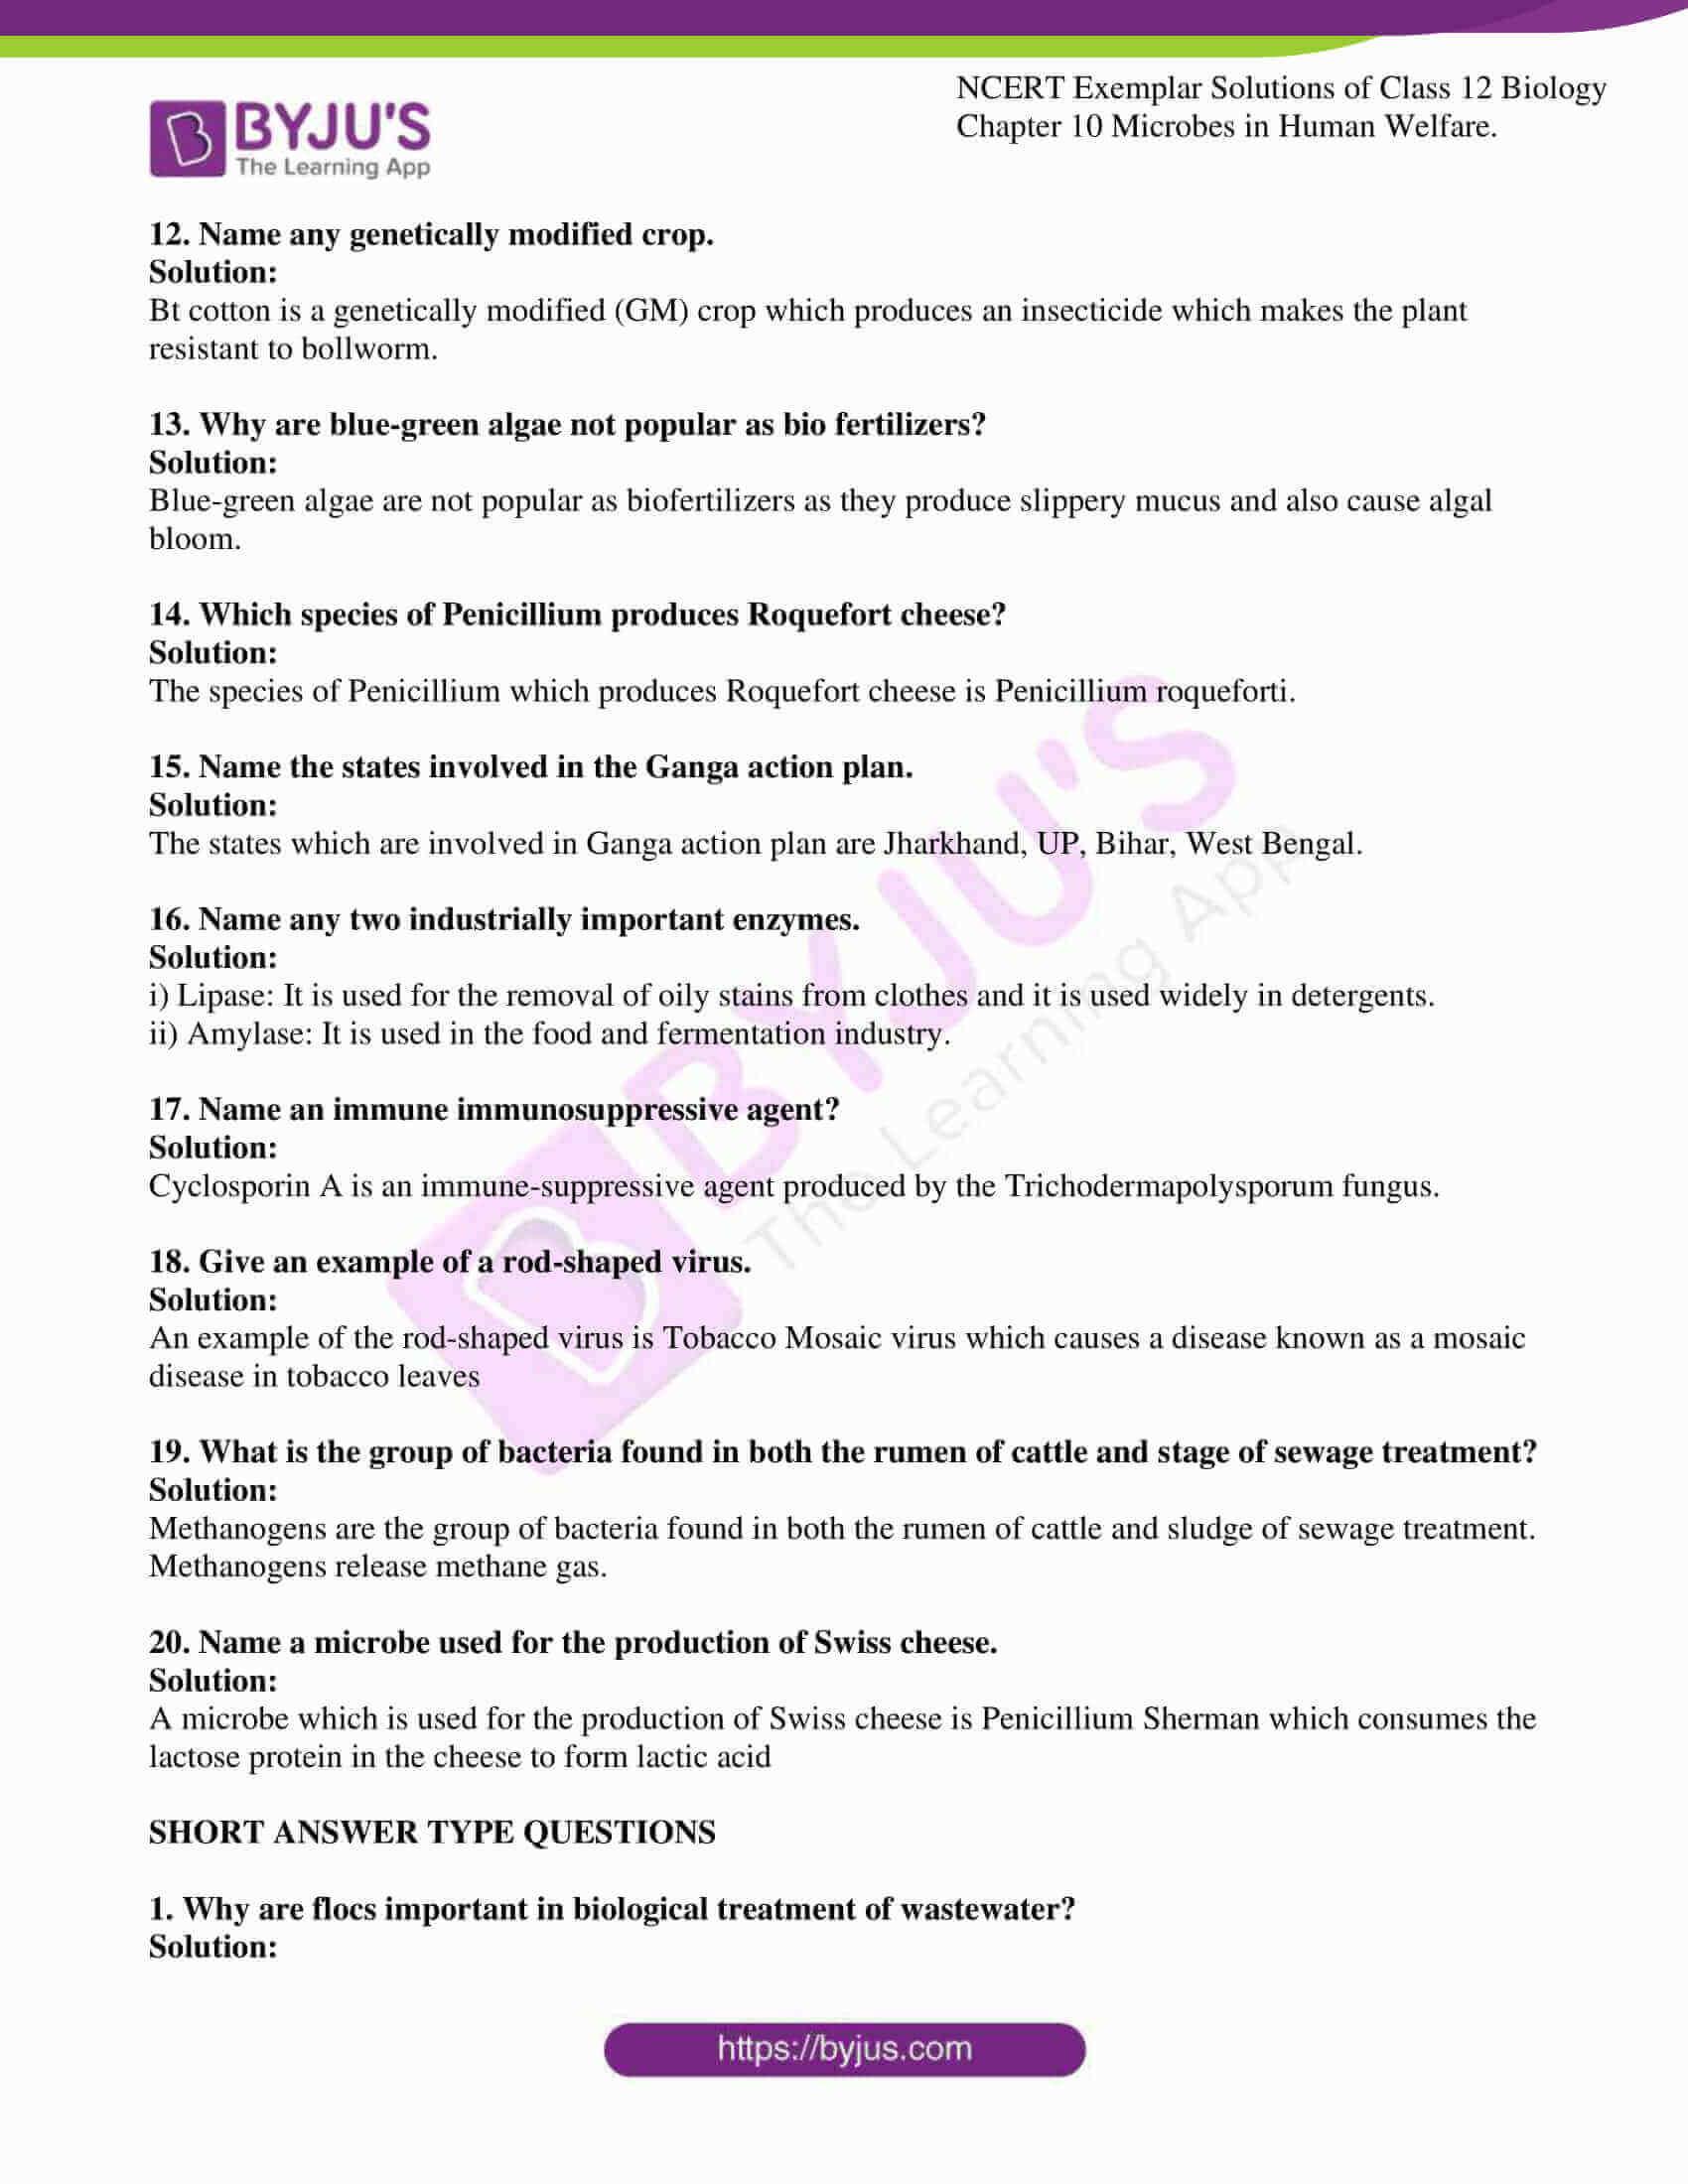 ncert exemplar solution of class 12 biology chapter 10 06